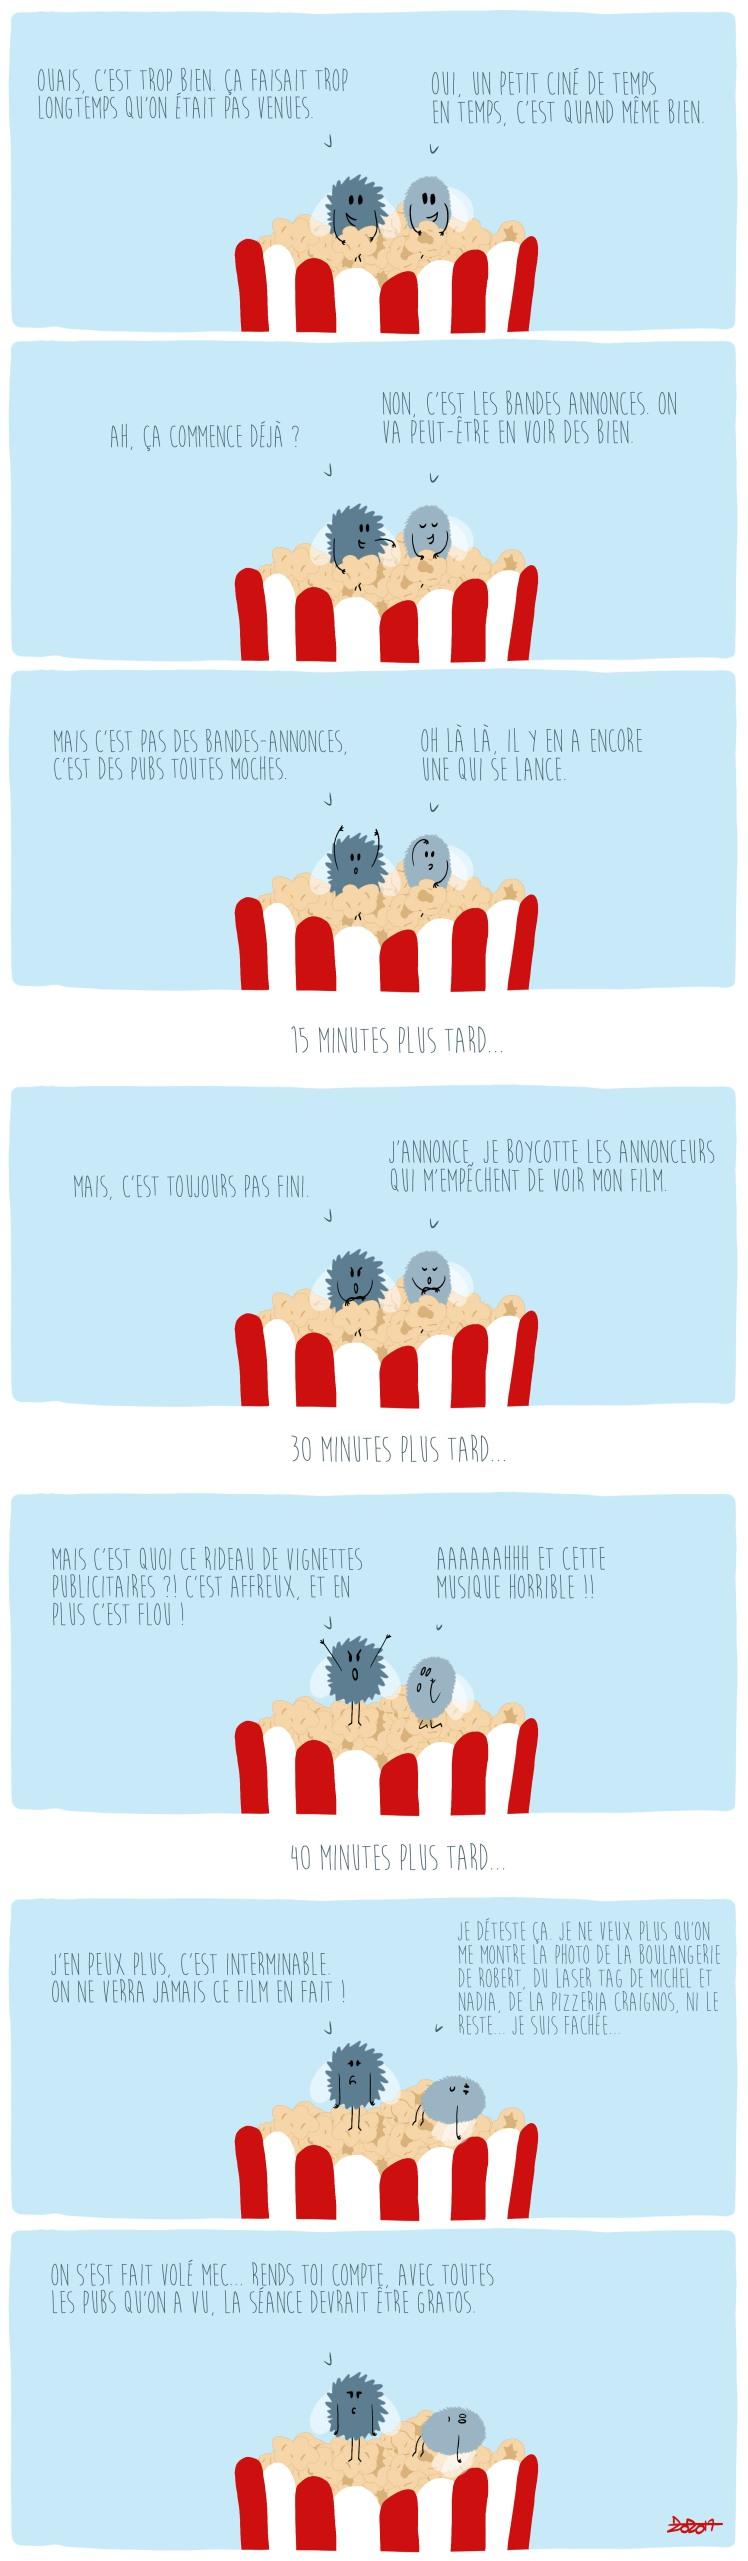 82 - Les pubs au cinéma